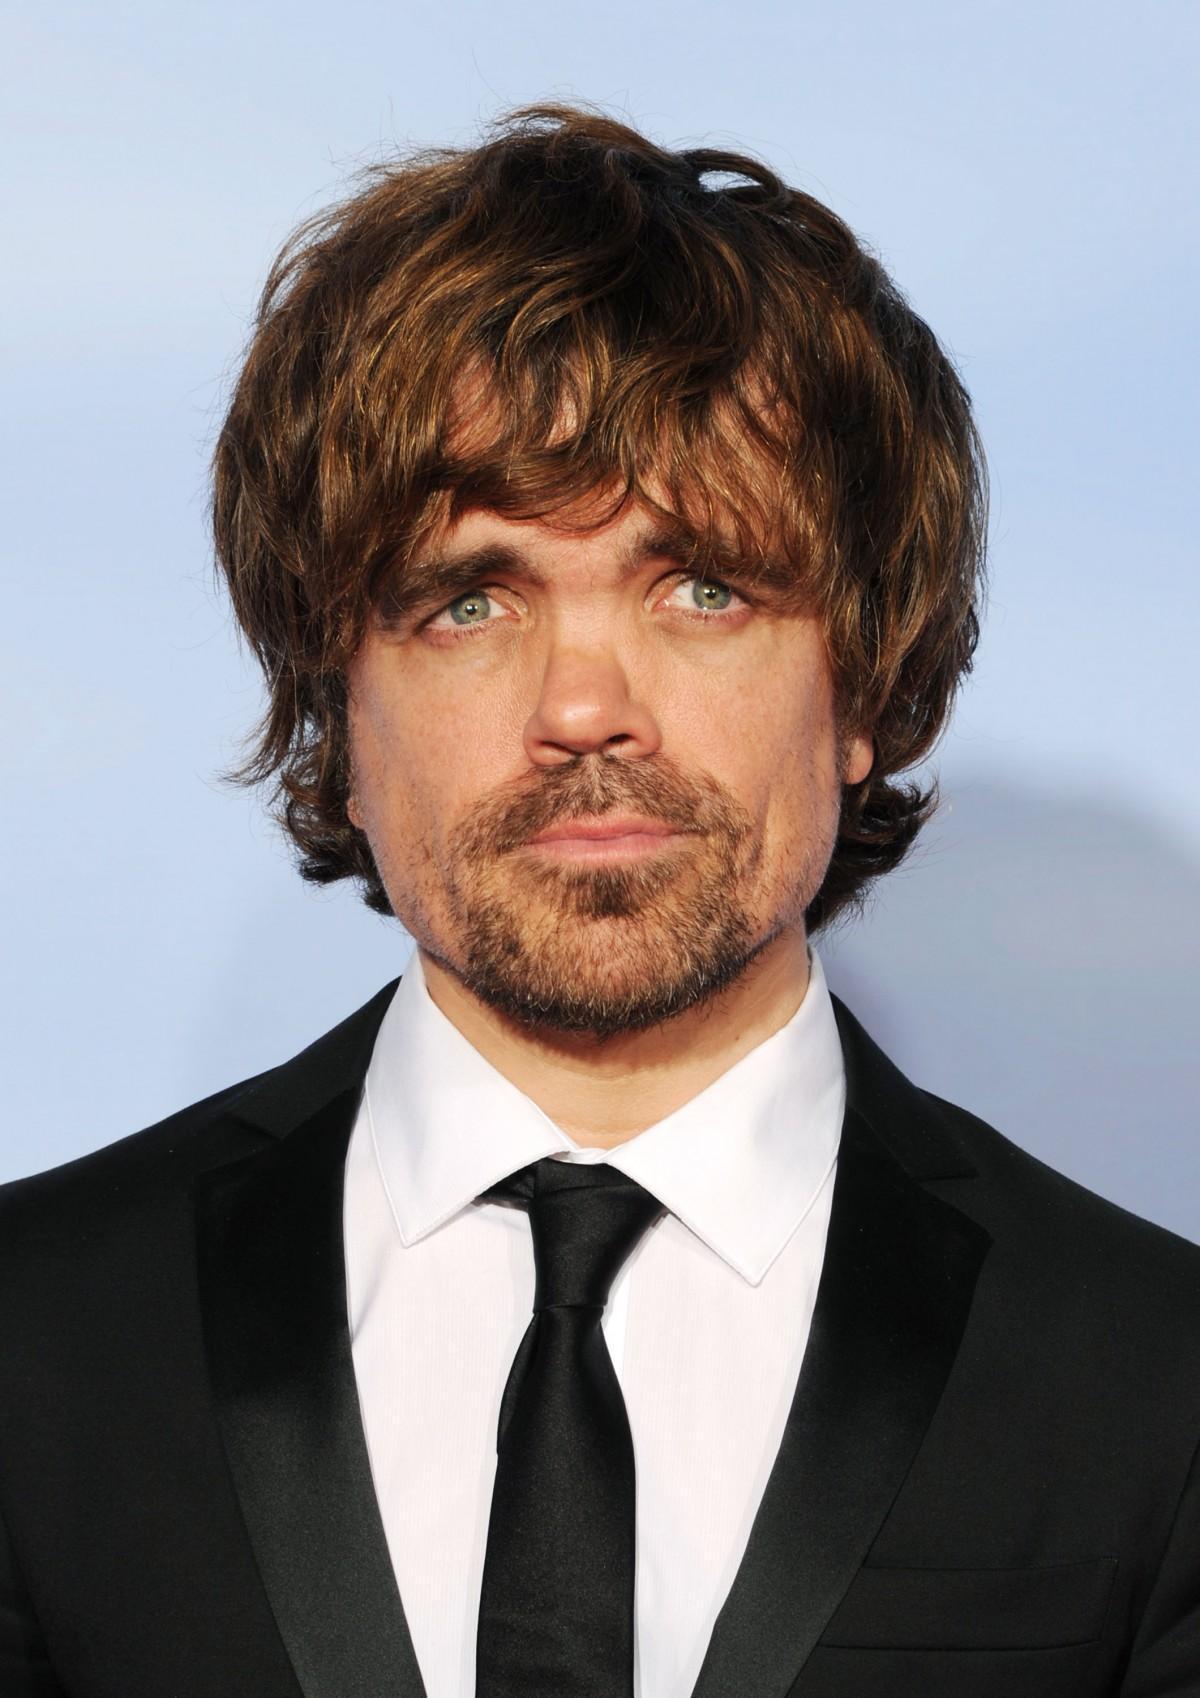 Peter Dinklage sau Tyrion Lannister din serialul Urzeala tronurilor apare în topul celor mai sexy celebrităţi vegetariene în 2013